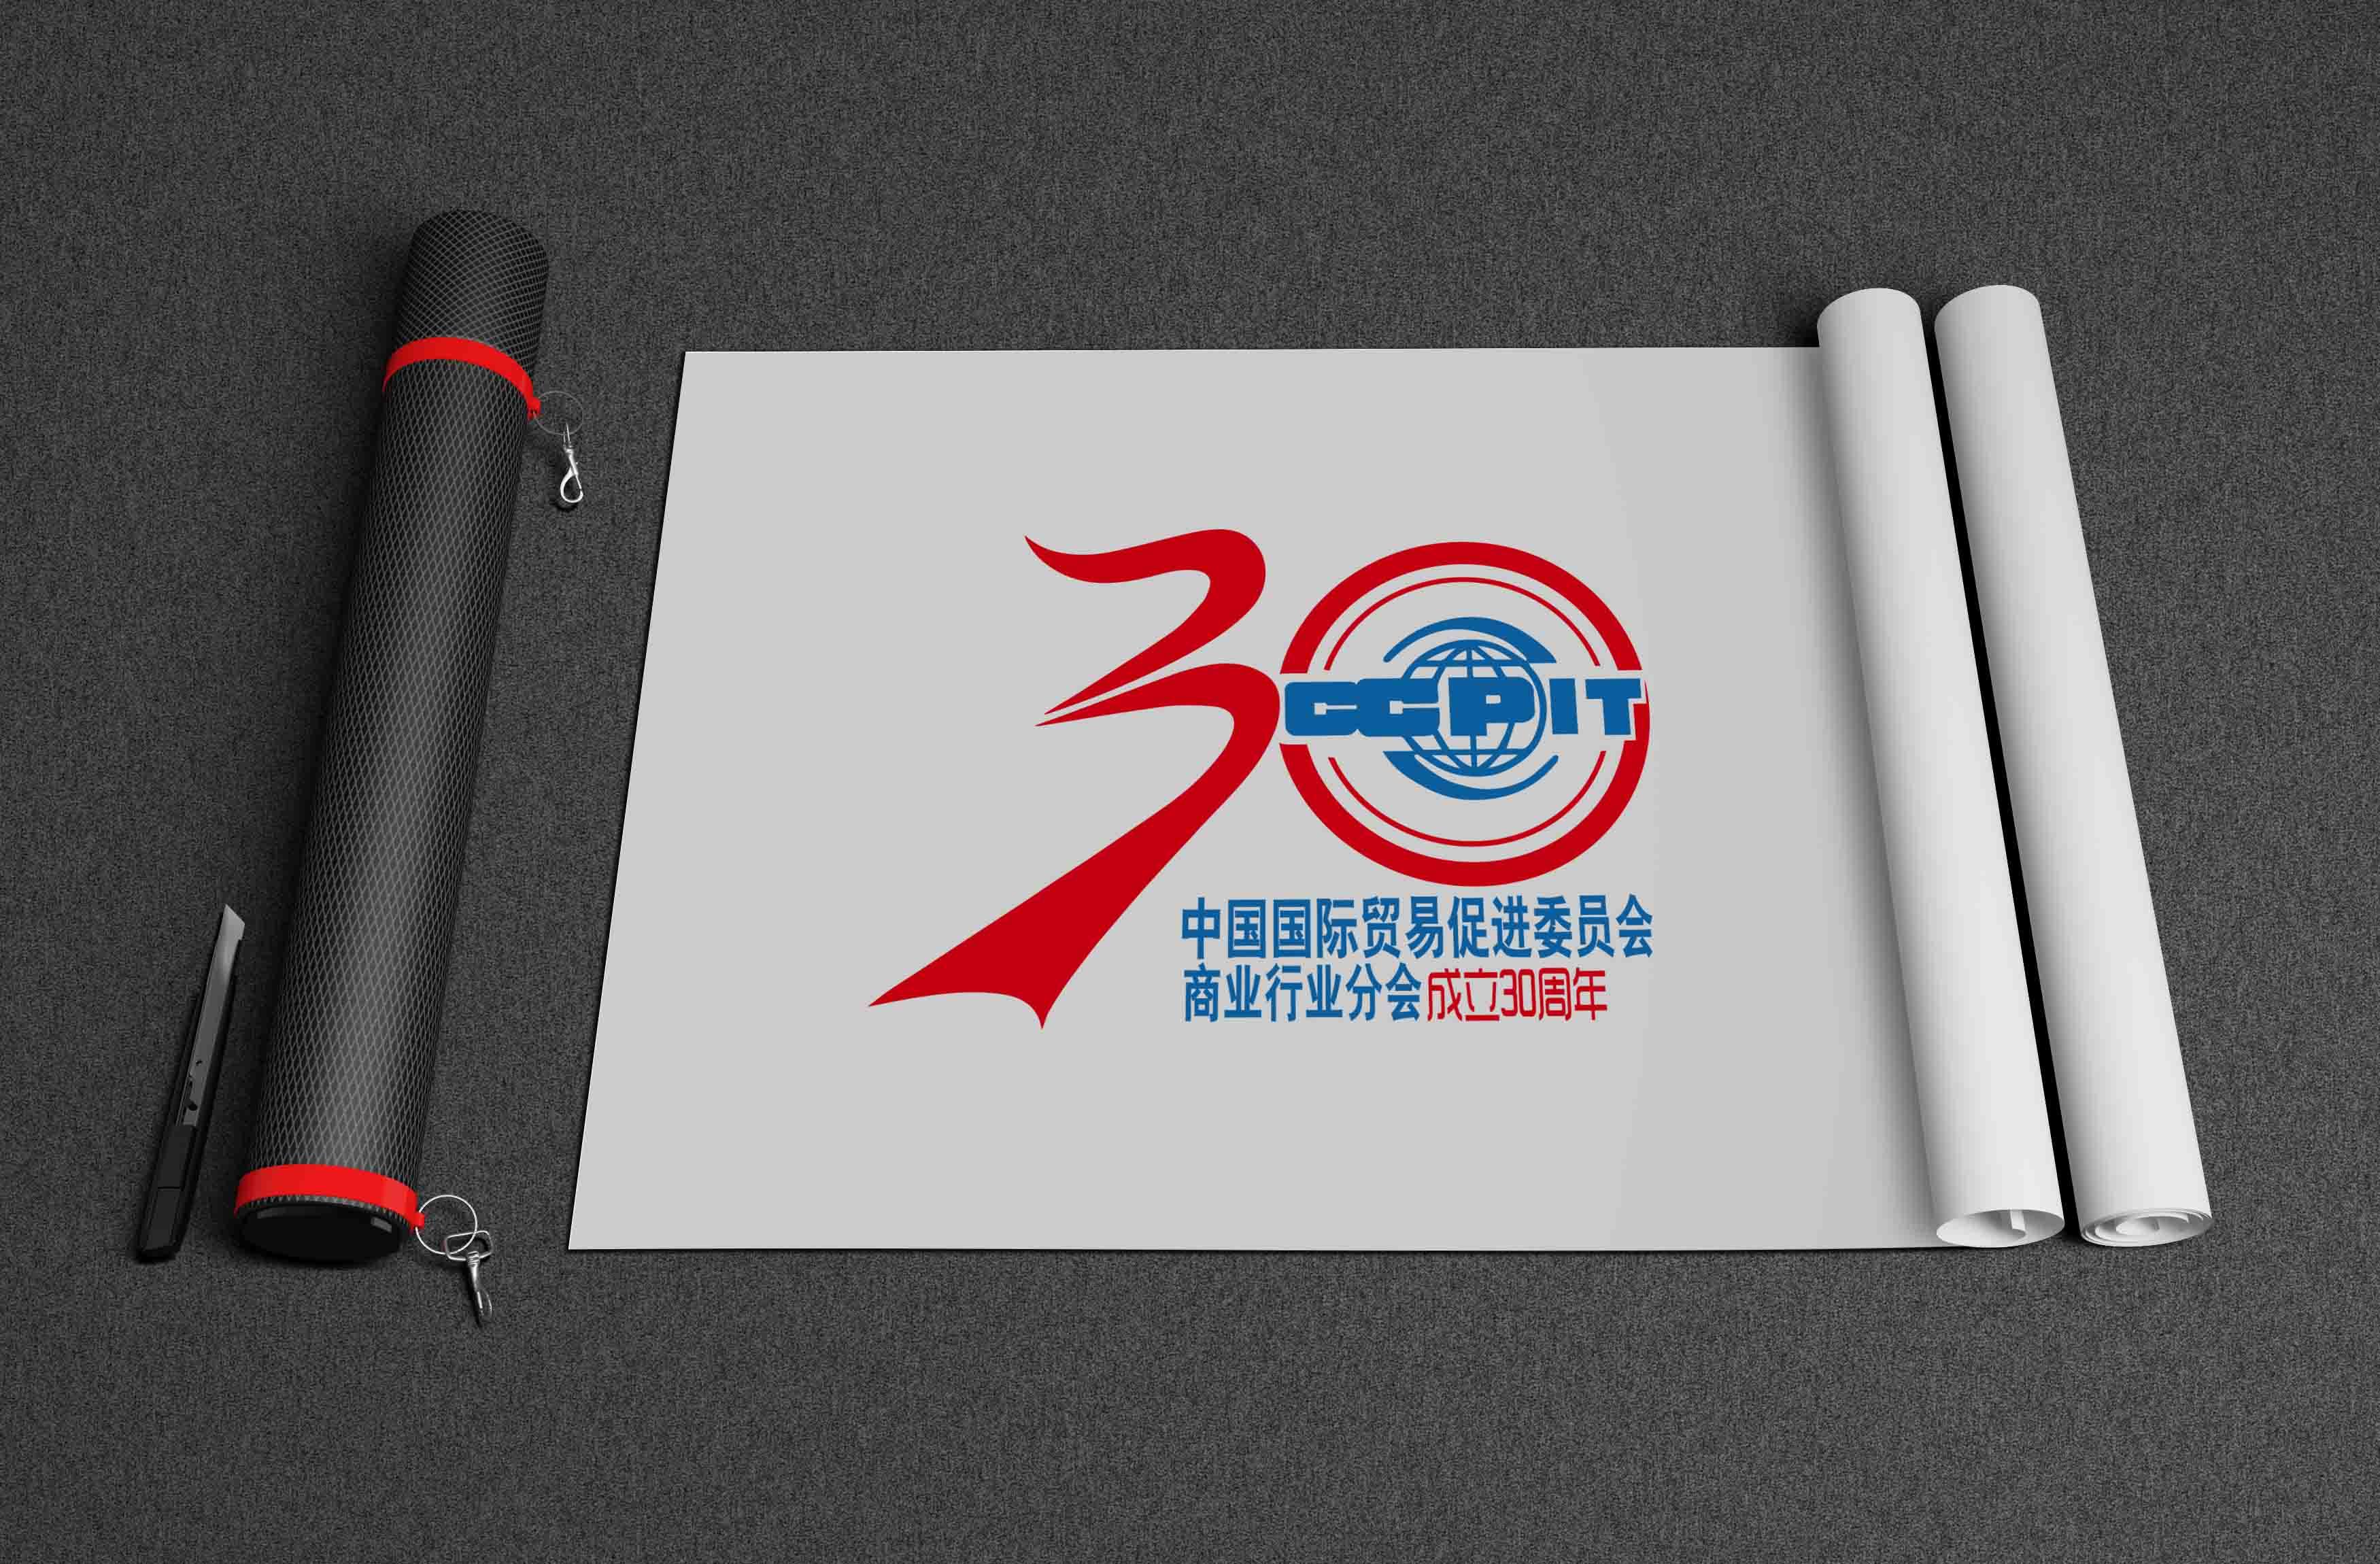 中国贸促会商业行业分会30周年logo_2958279_k68威客网